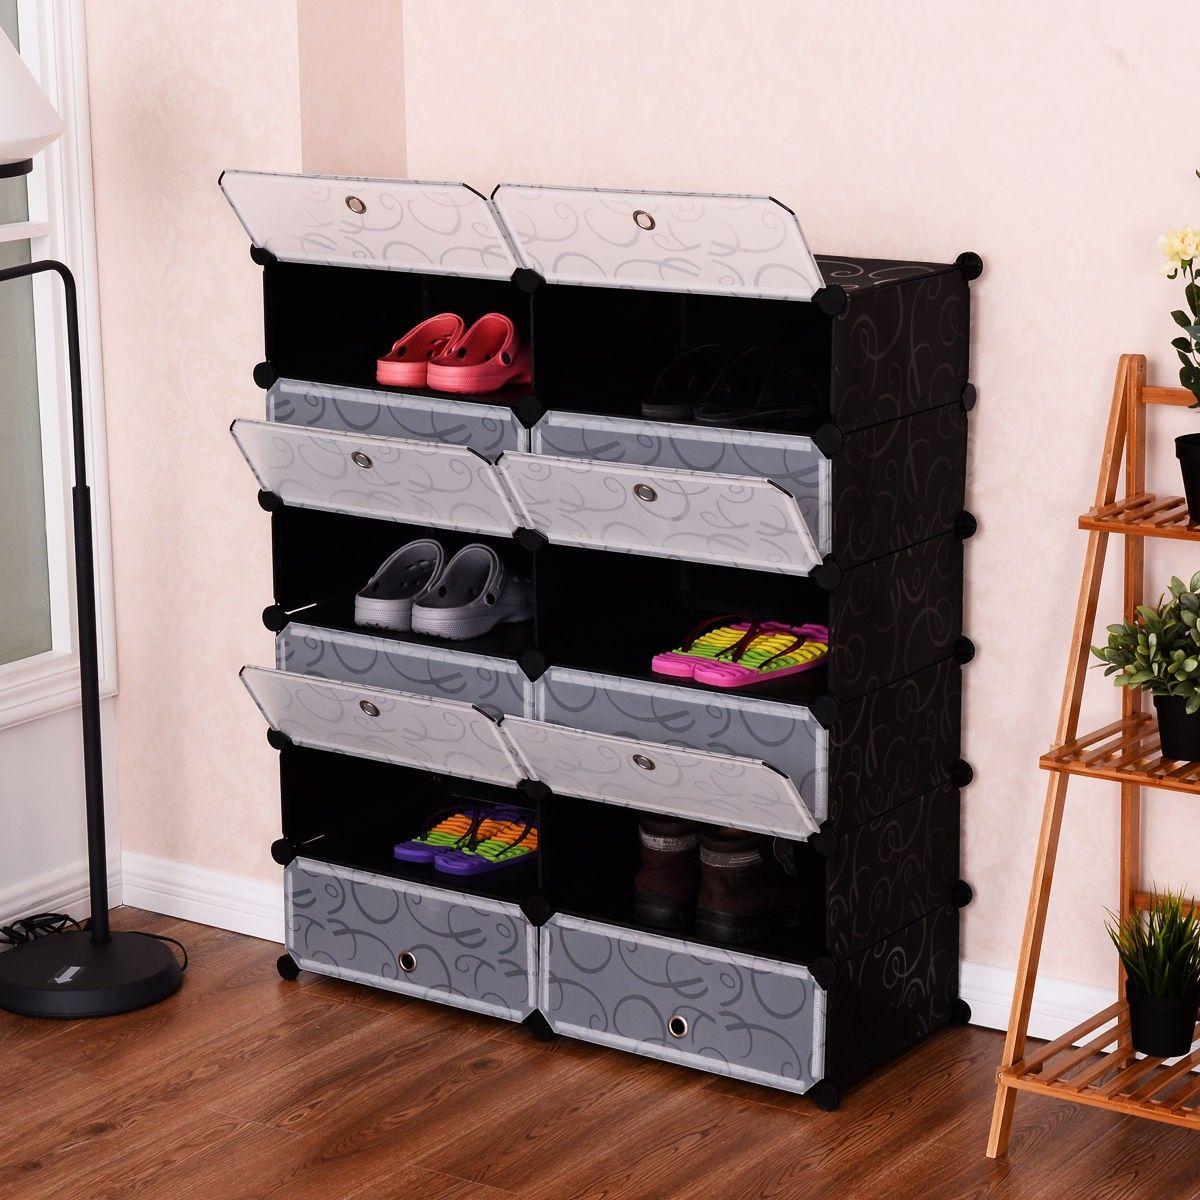 12 Cubes Portable Shoe Rack Storage Closet Organization Modern Shelving Shoe Organization Closet